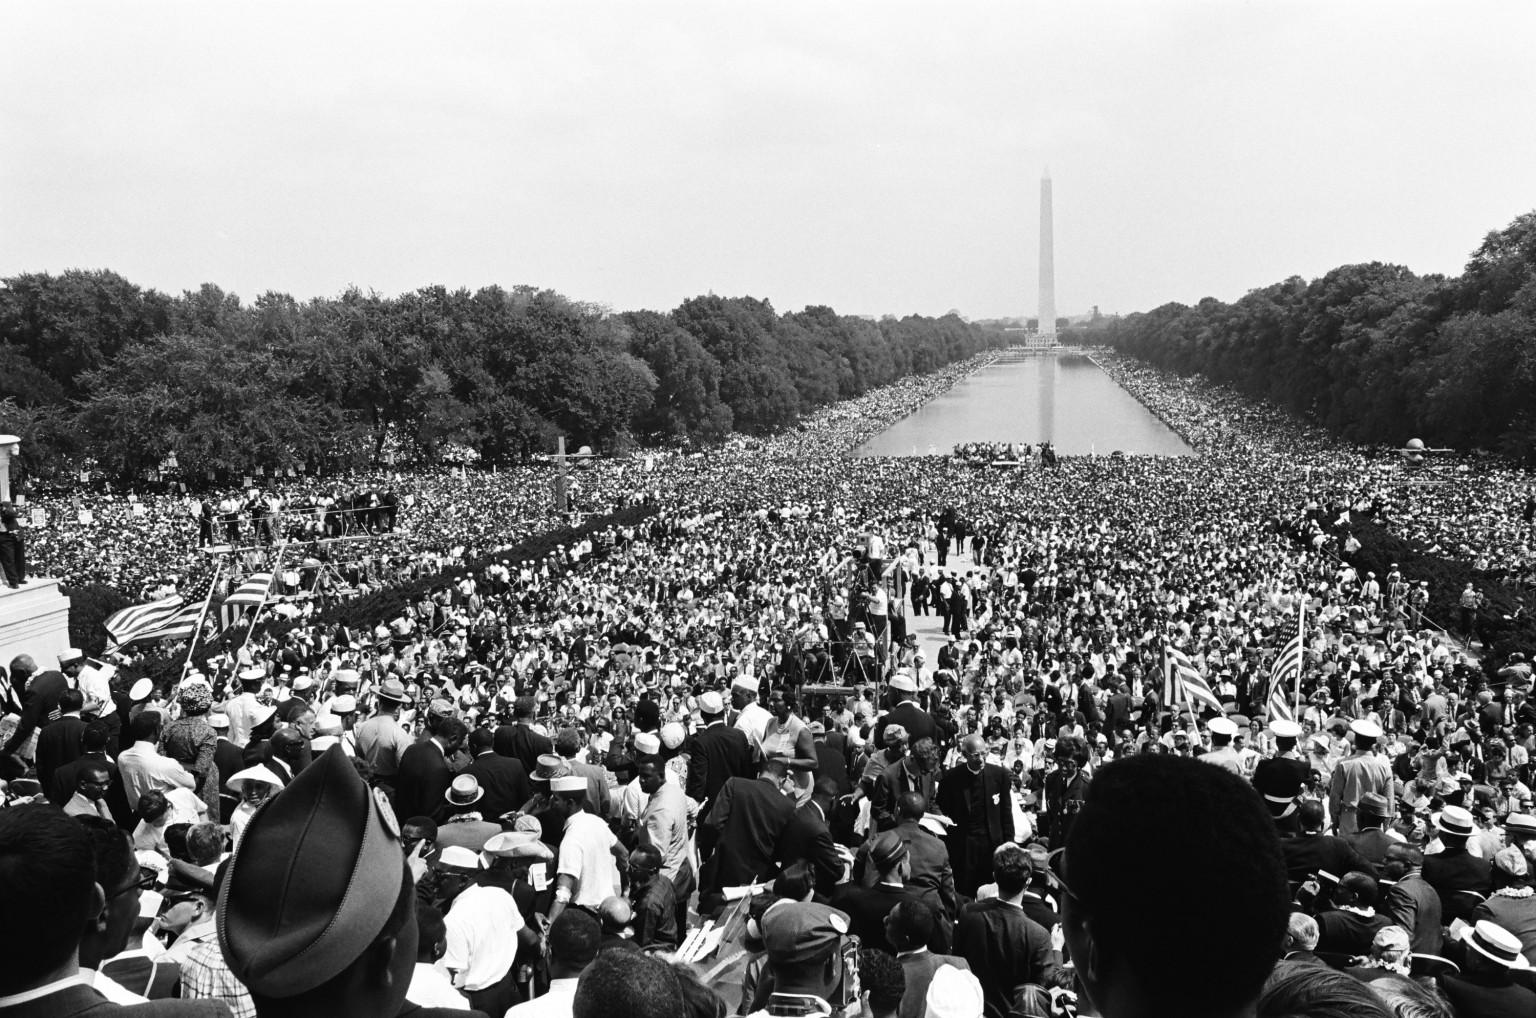 washington march freedom 1963 jobs mr jews va dylan nbc rights civil movement owens crowds mall